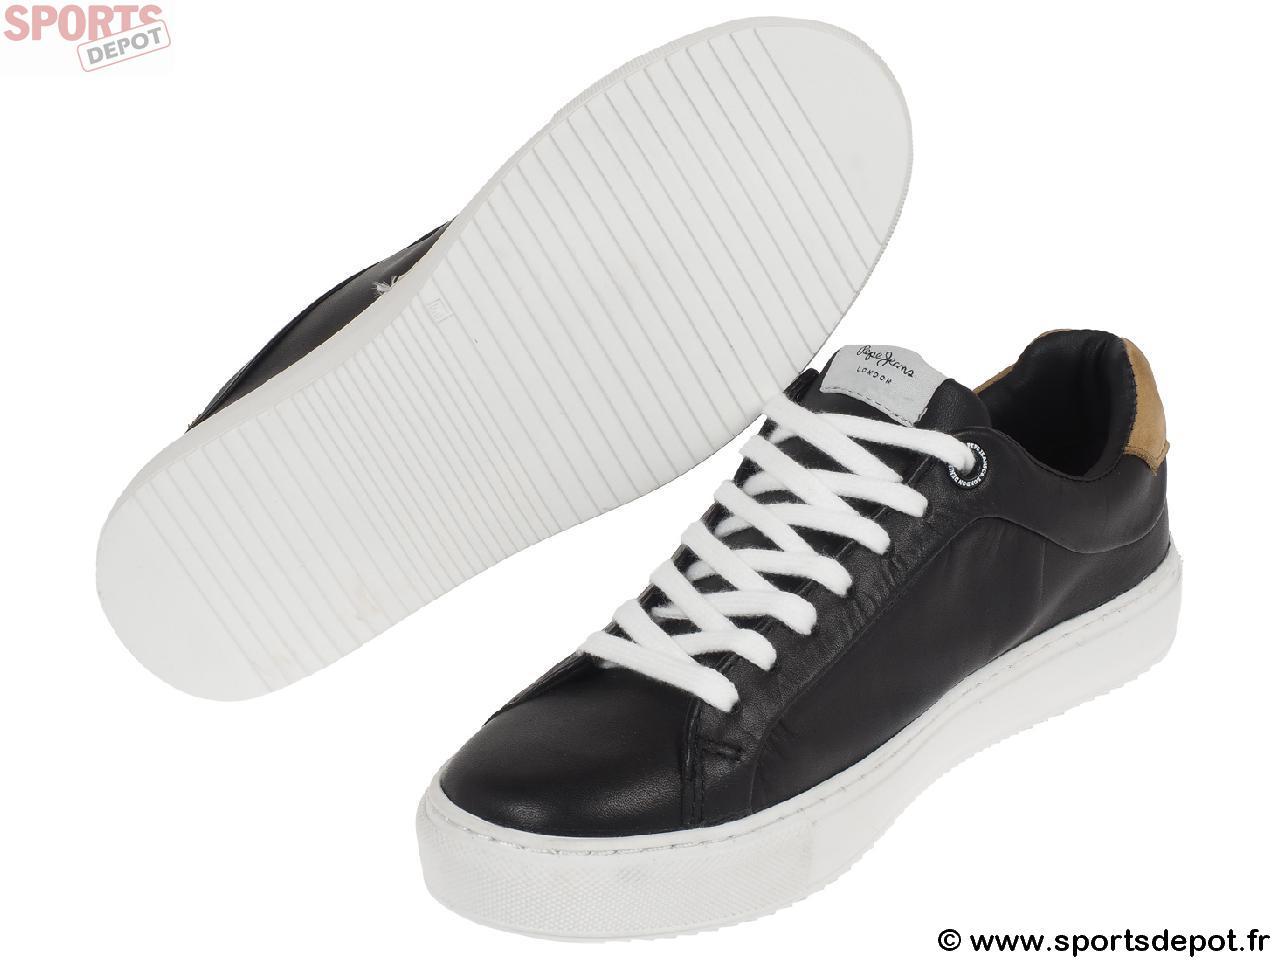 Chaussures Mode Ville Pepe Jeans Adams Black Lady Noir 58242 vNIBY5